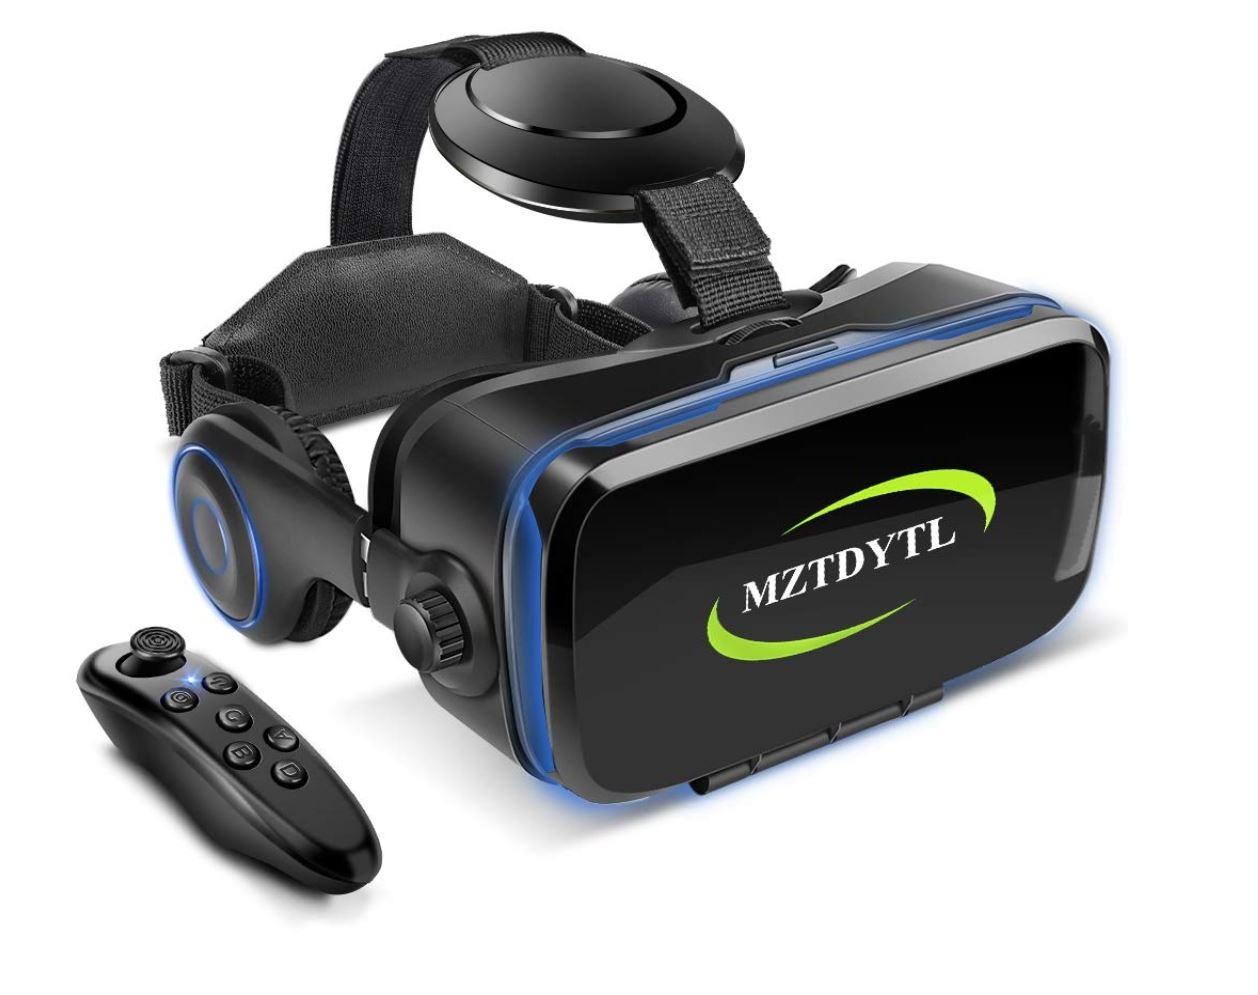 VR ゴーグル VRヘッドセット